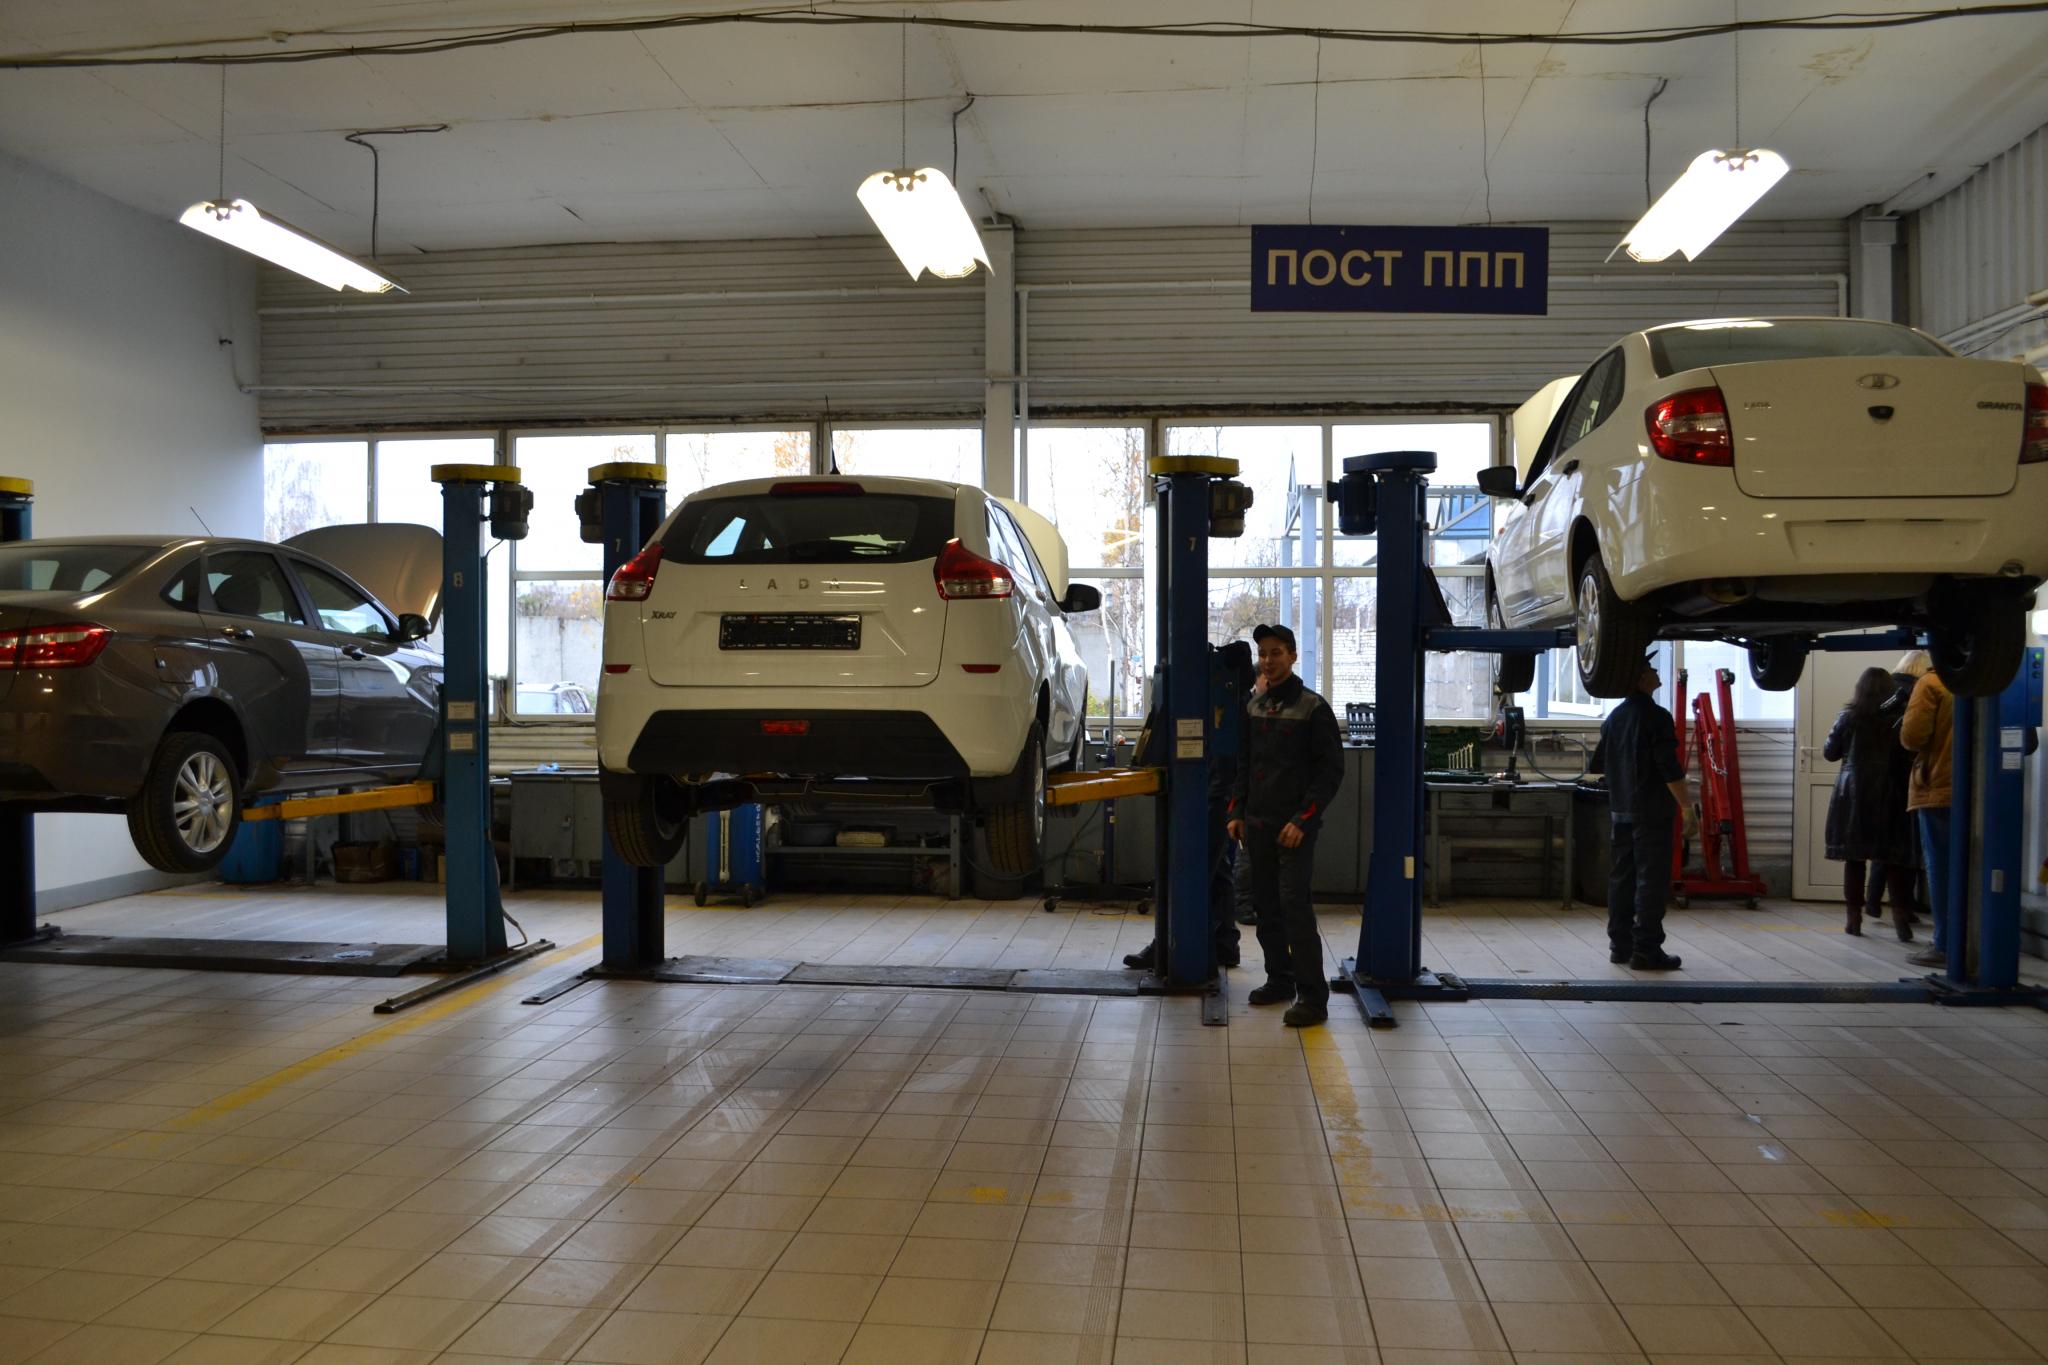 Чепецкая гостиница покупает два авто за 1,5 миллиона рублей